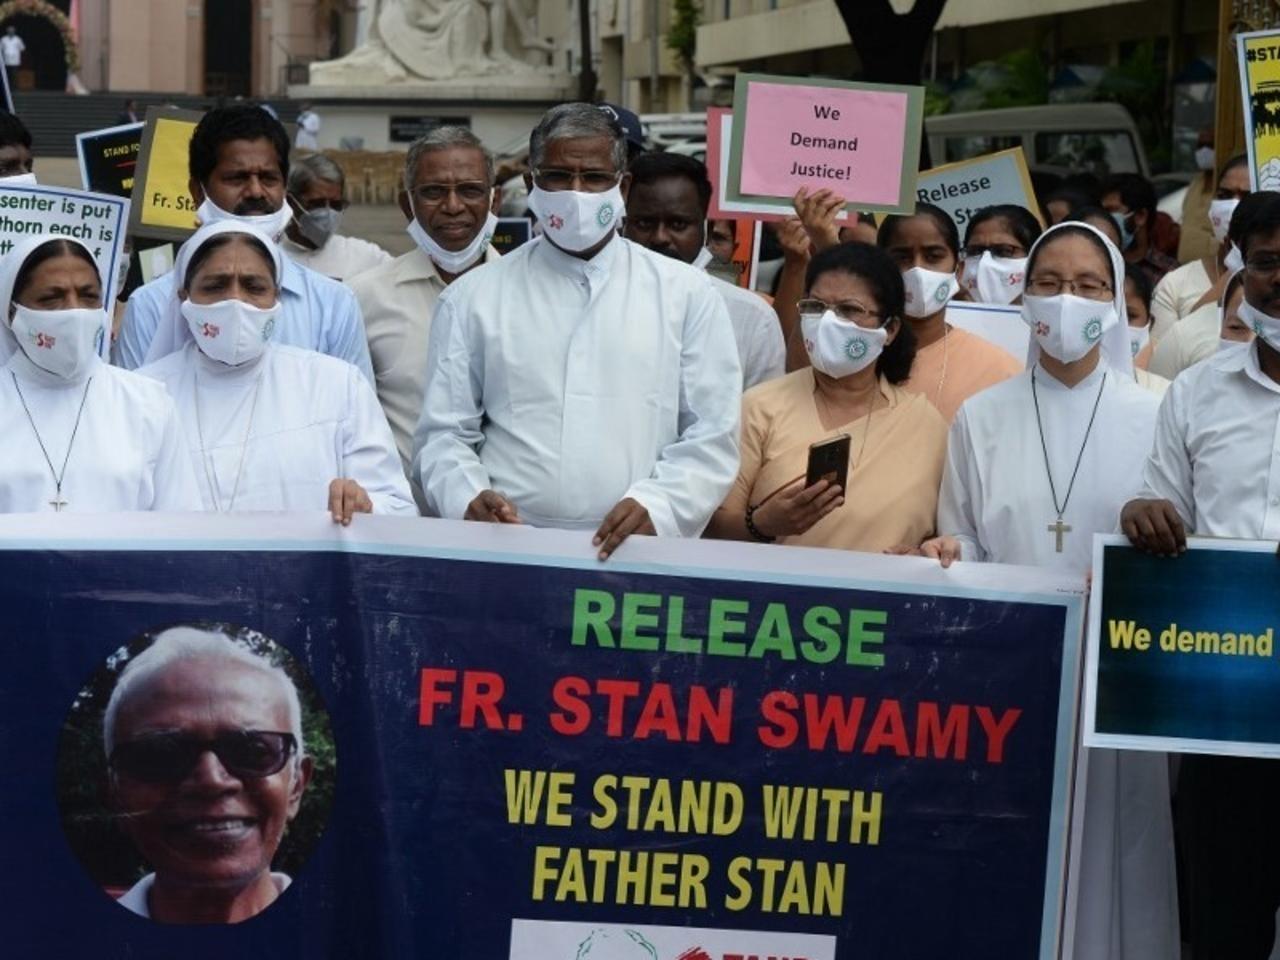 Manifestação pela liberdade de Stan Swamy em frente à sede da Companhia de Jesus, Roma